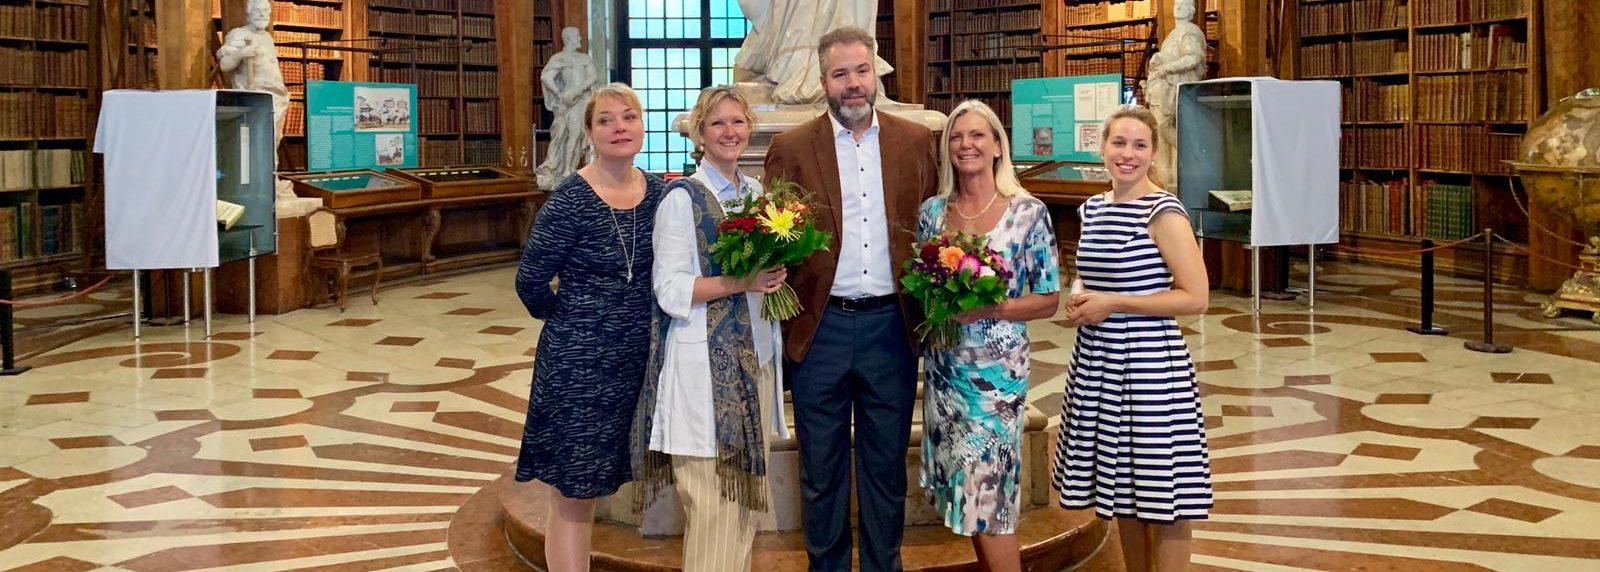 ÖGV Nachrichten: Buchpatenschaft in der Nationalbibliothek am 13. September: eine Rückblende